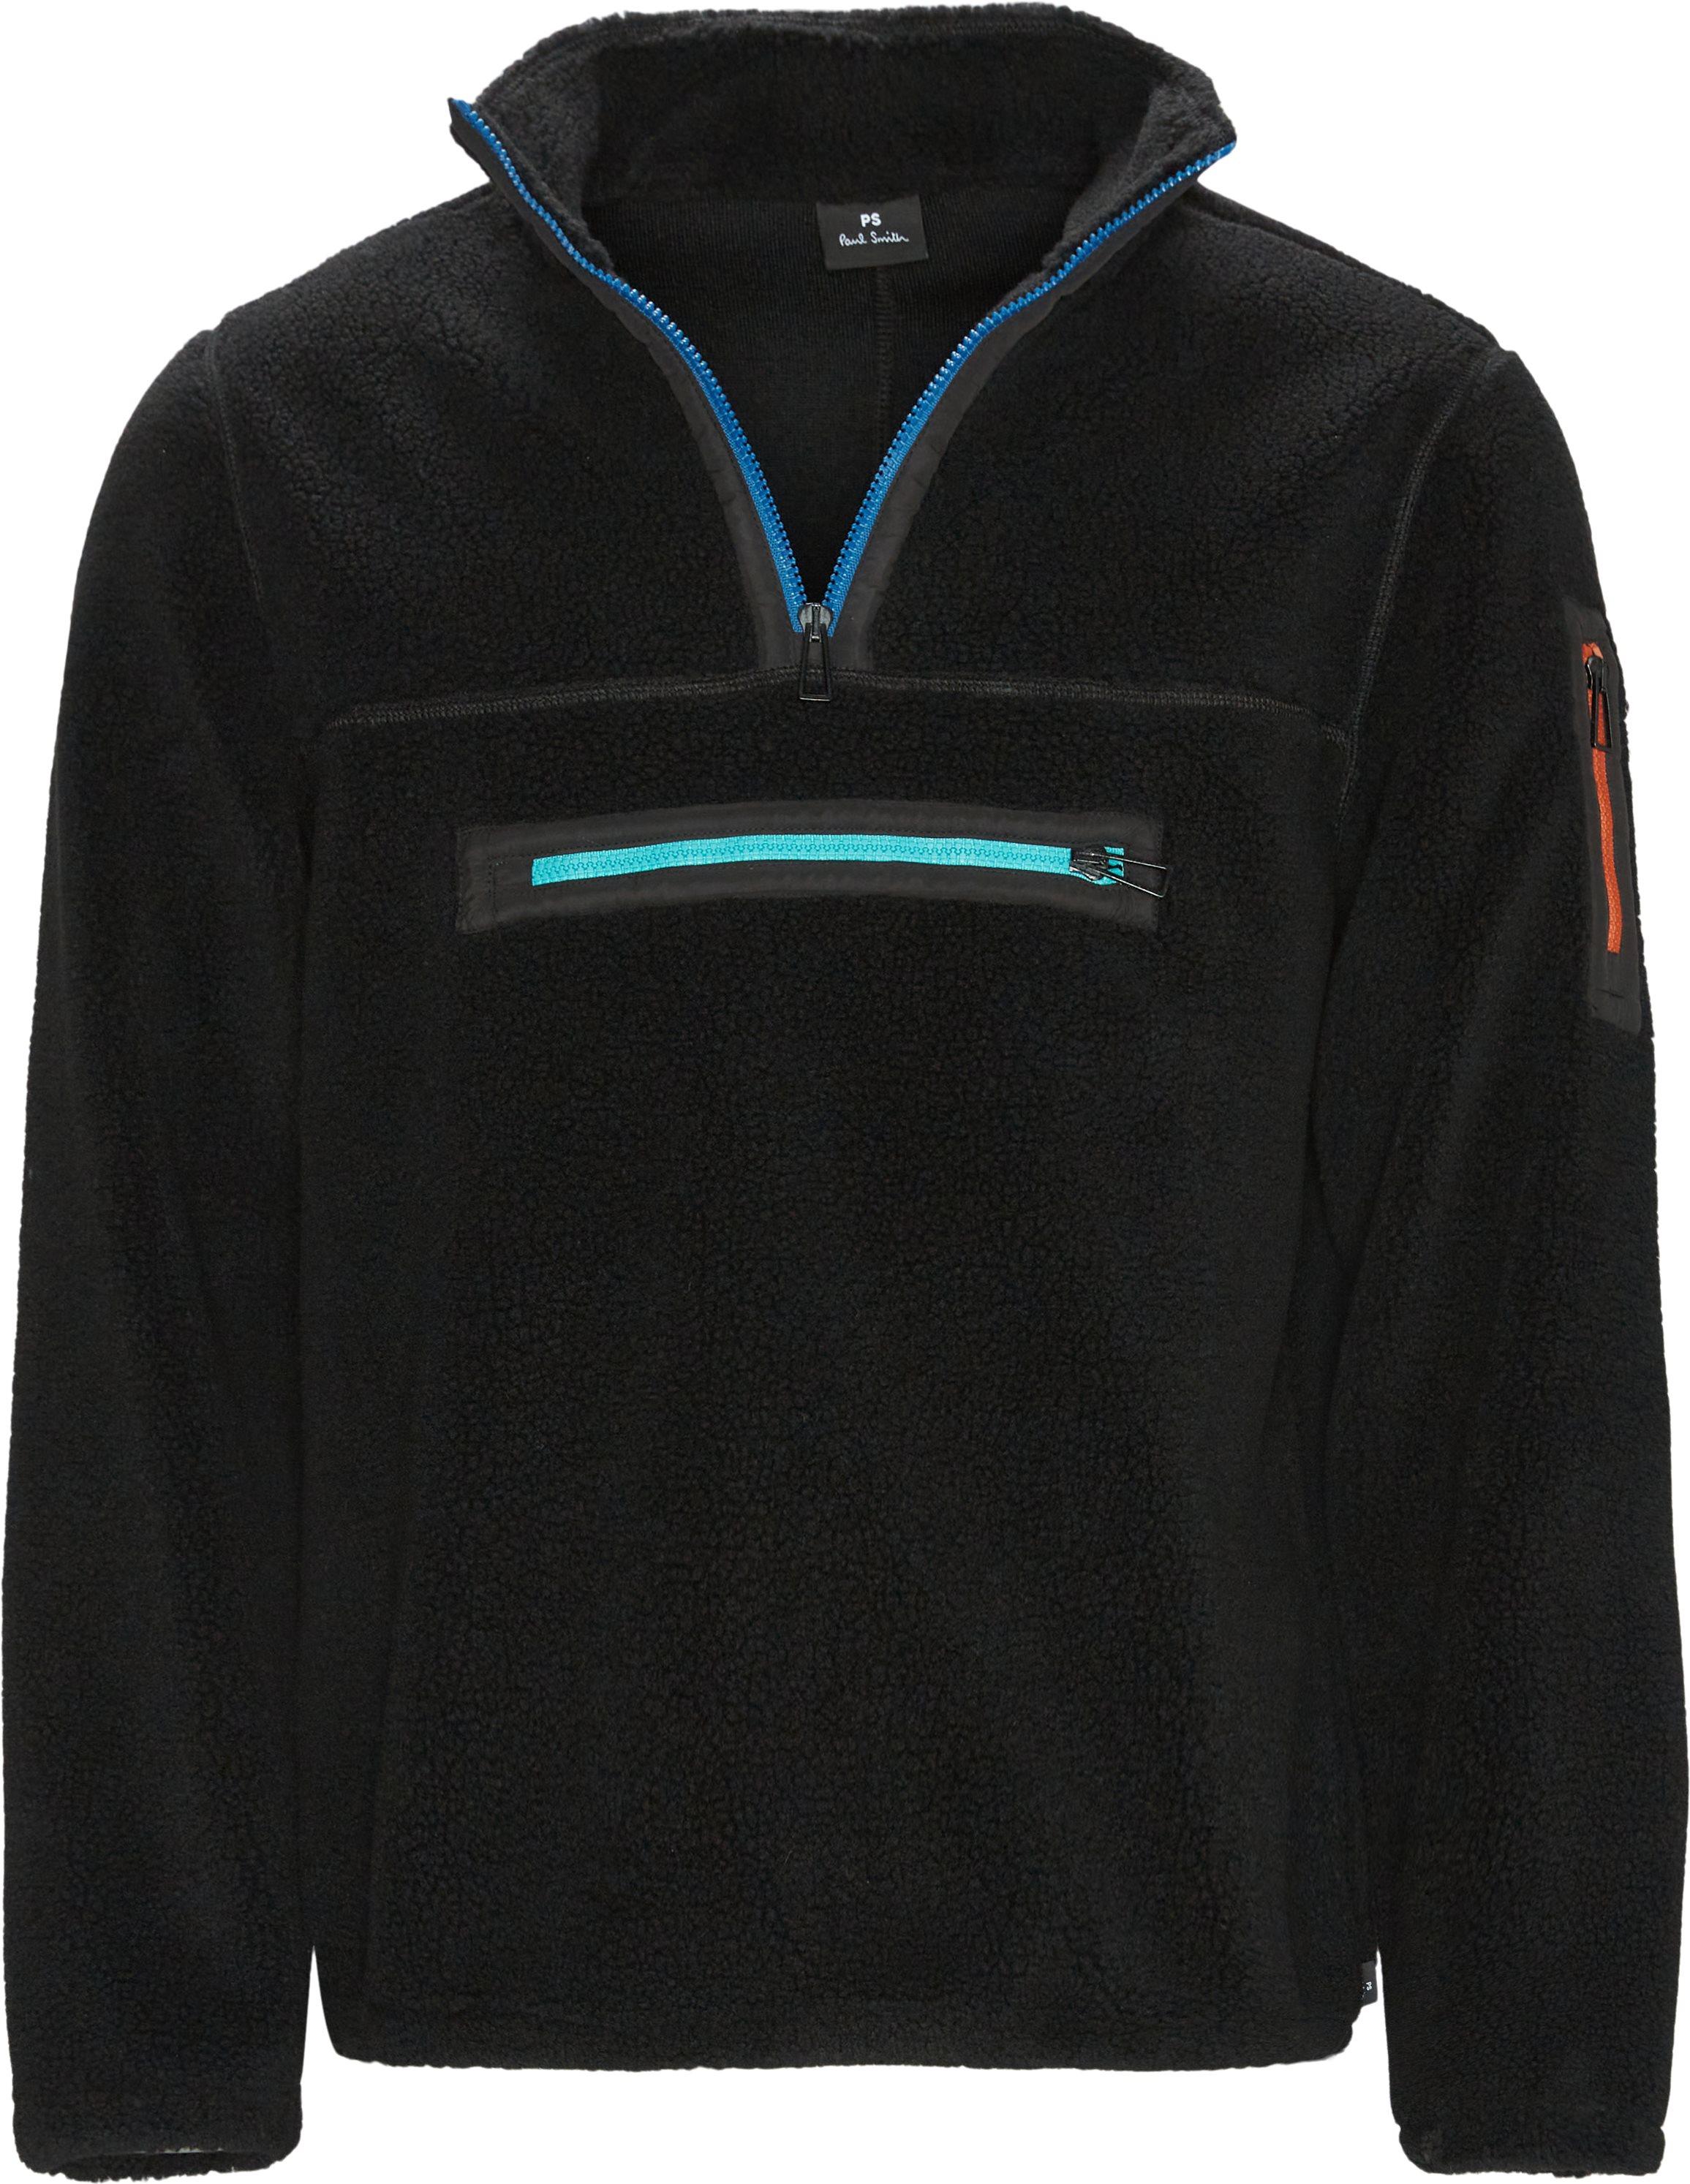 Fleece Half-zip - Overgangsjakker - Sort